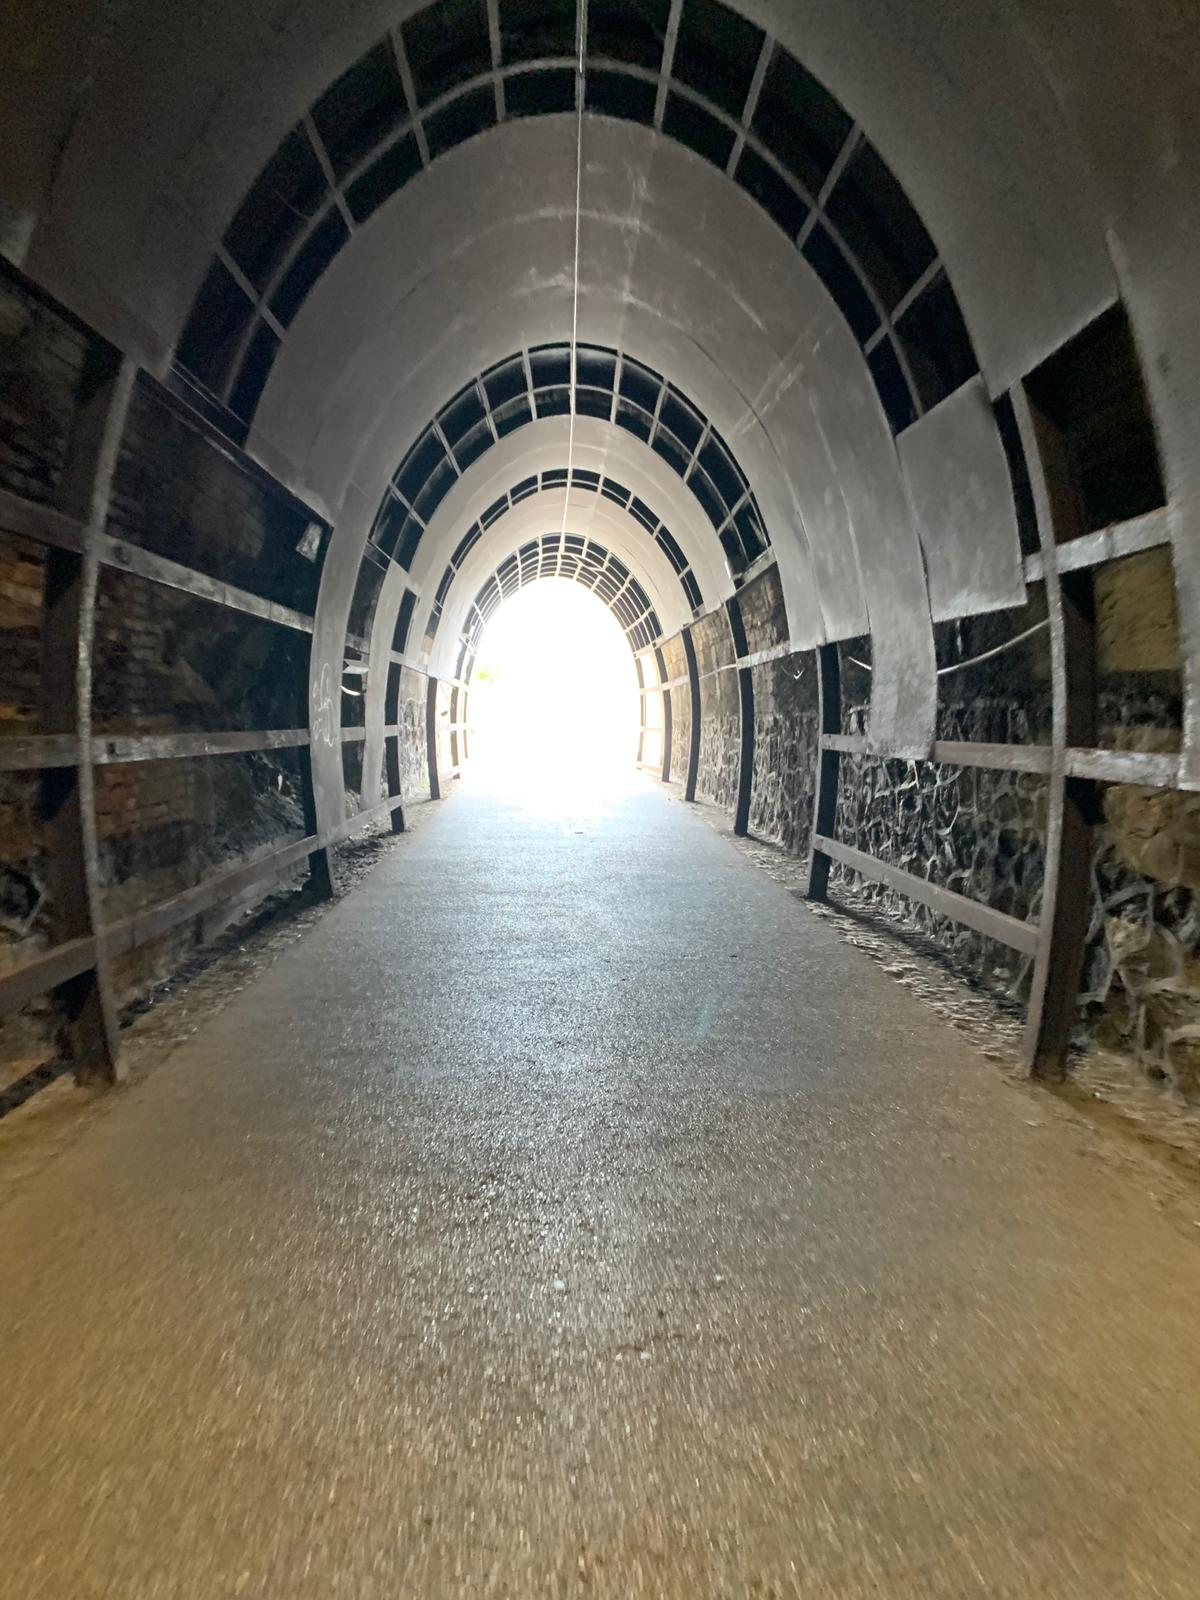 Sulle ciclabili tra Arenzano e Savona tutte le gallerie sono munite di luci e ben tenute. Alcune però hanno anche un tocco da artista.